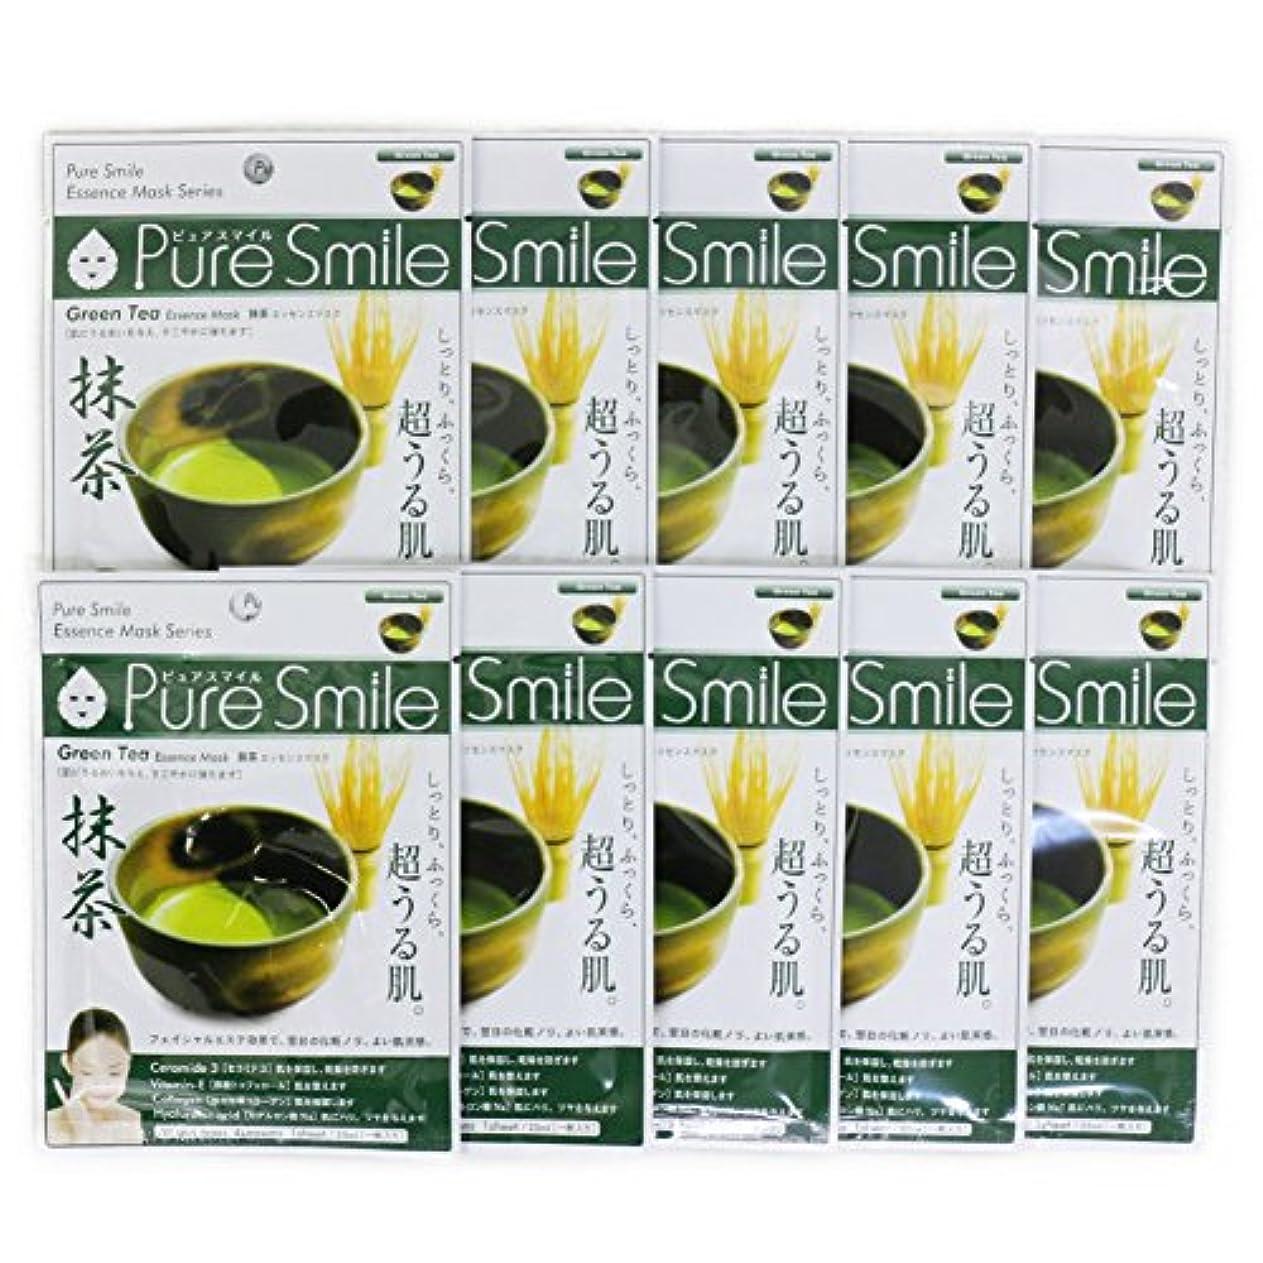 舌上うっかりPure Smile ピュアスマイル エッセンスマスク 抹茶 10枚セット